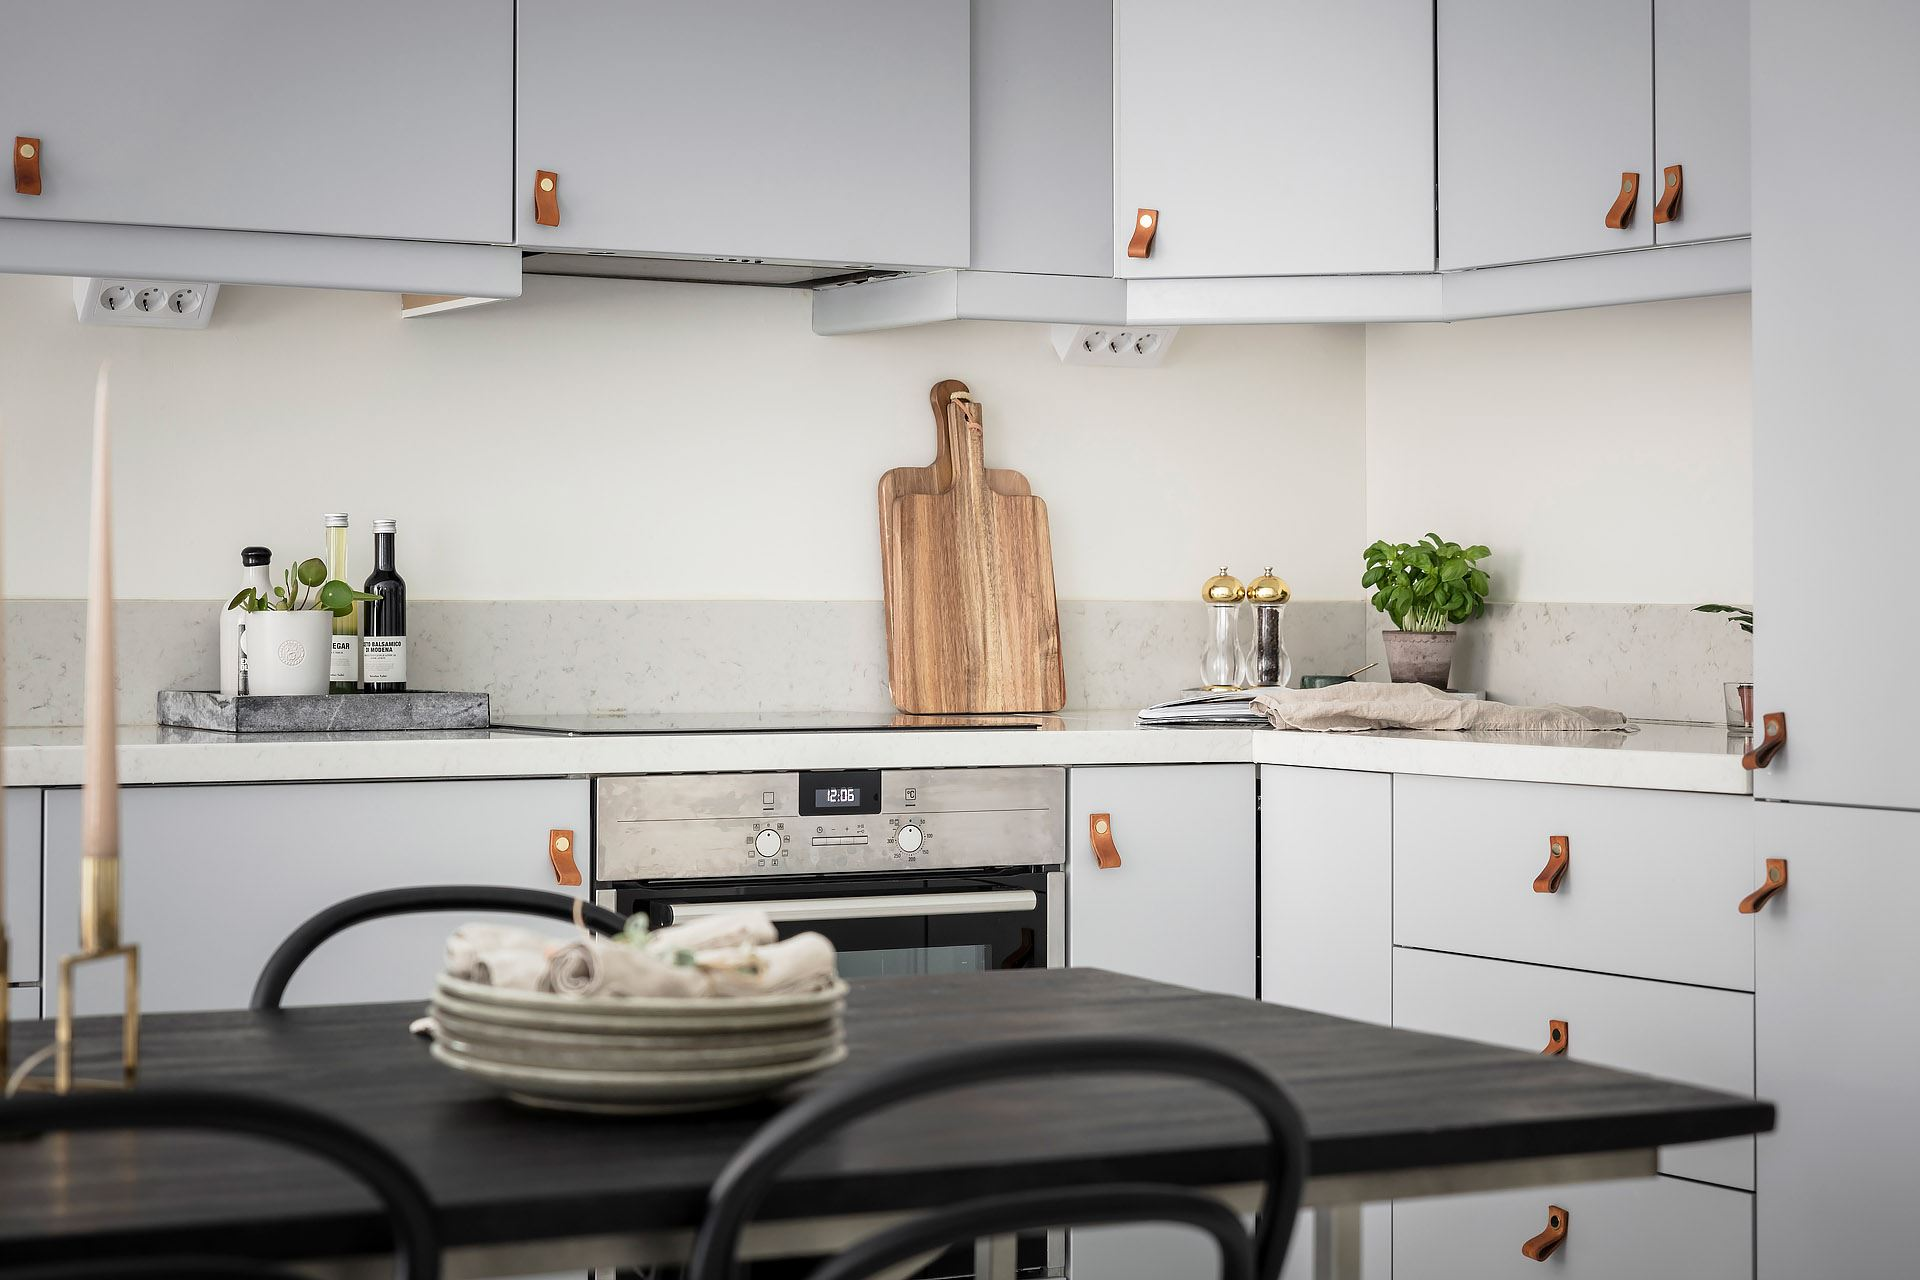 Cărămidă expusă și mânere din piele la corpurile de mobilier din bucătărie 5